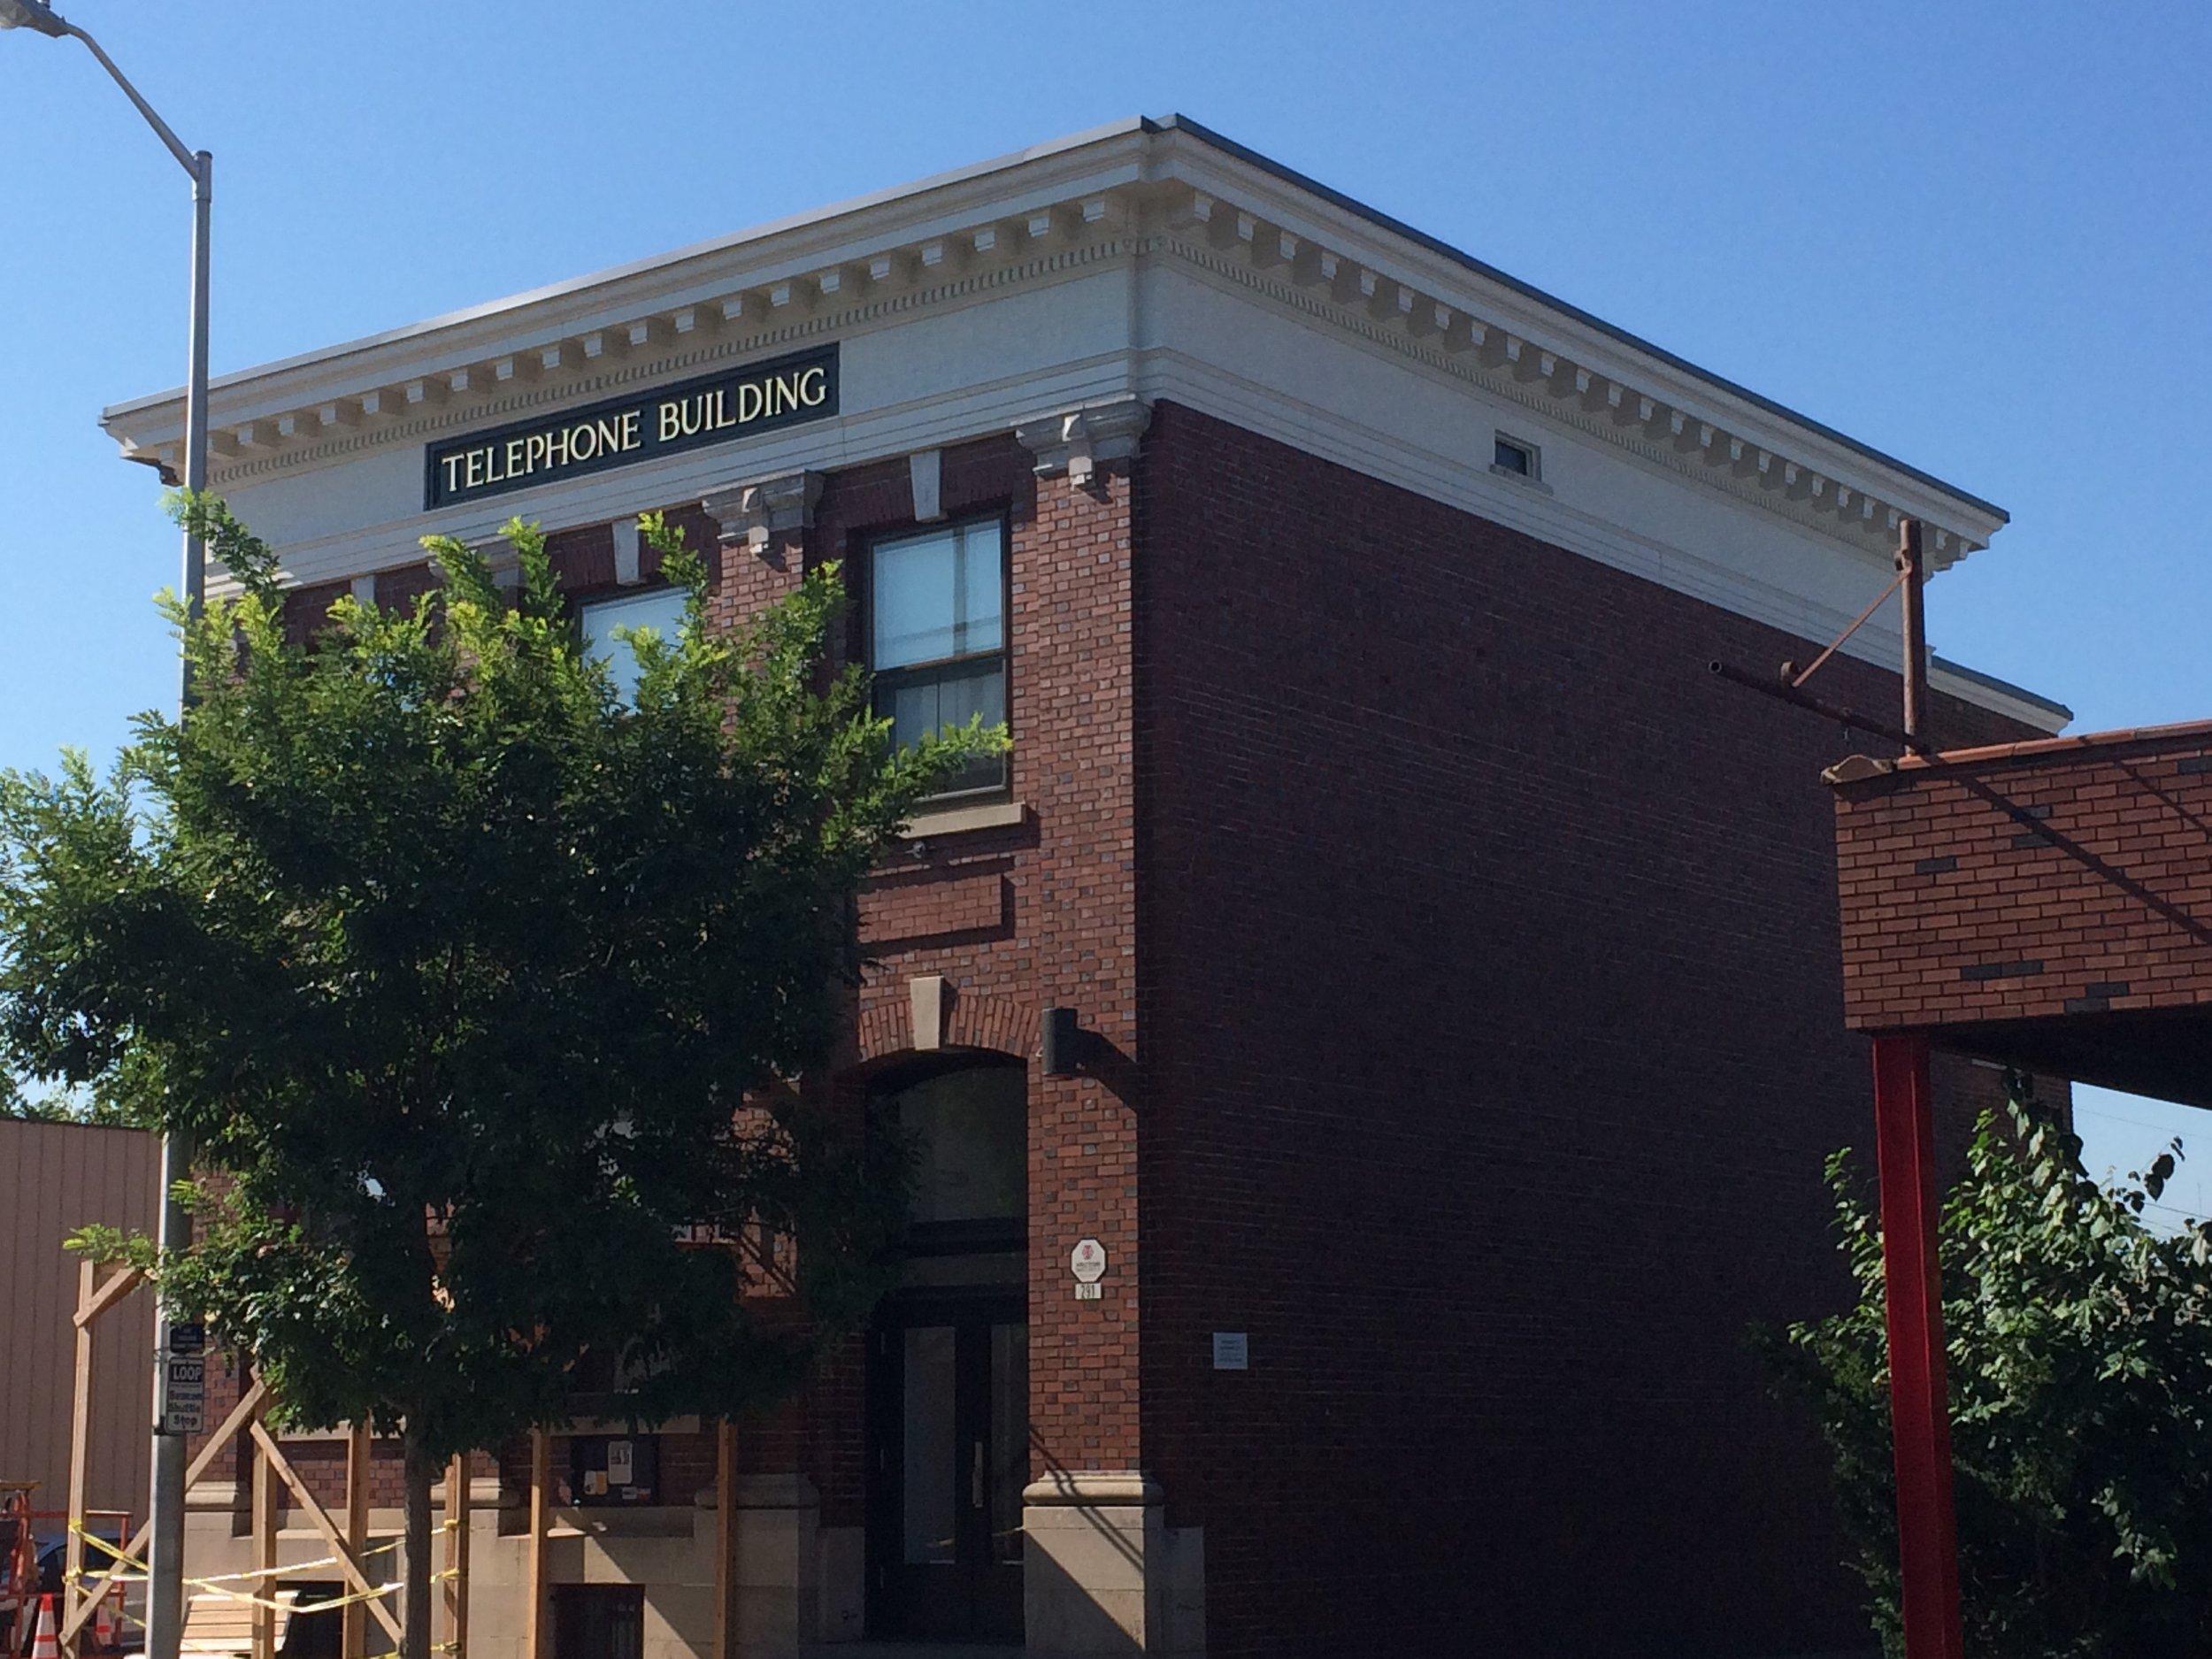 The Telephone Building at 291 Main Street,Beacon NY